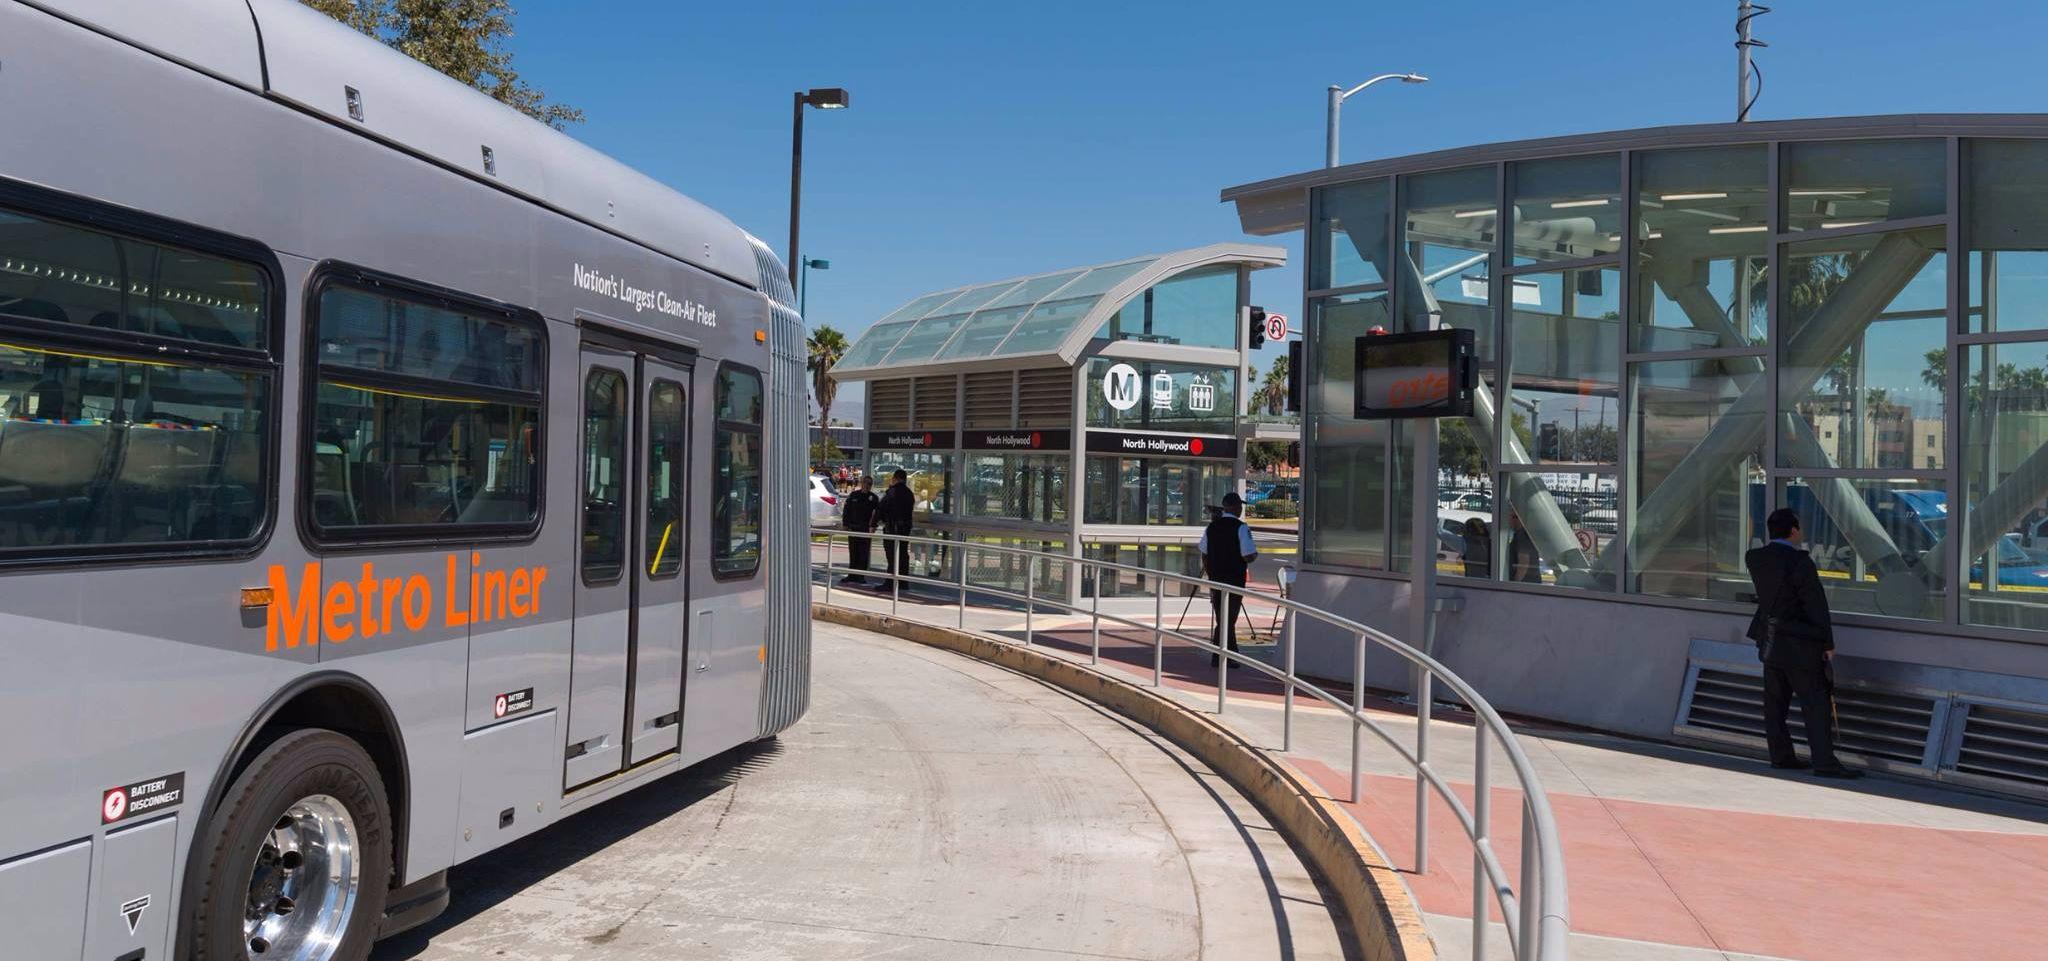 Metro Proposition C Sales Tax Revenue Bonds